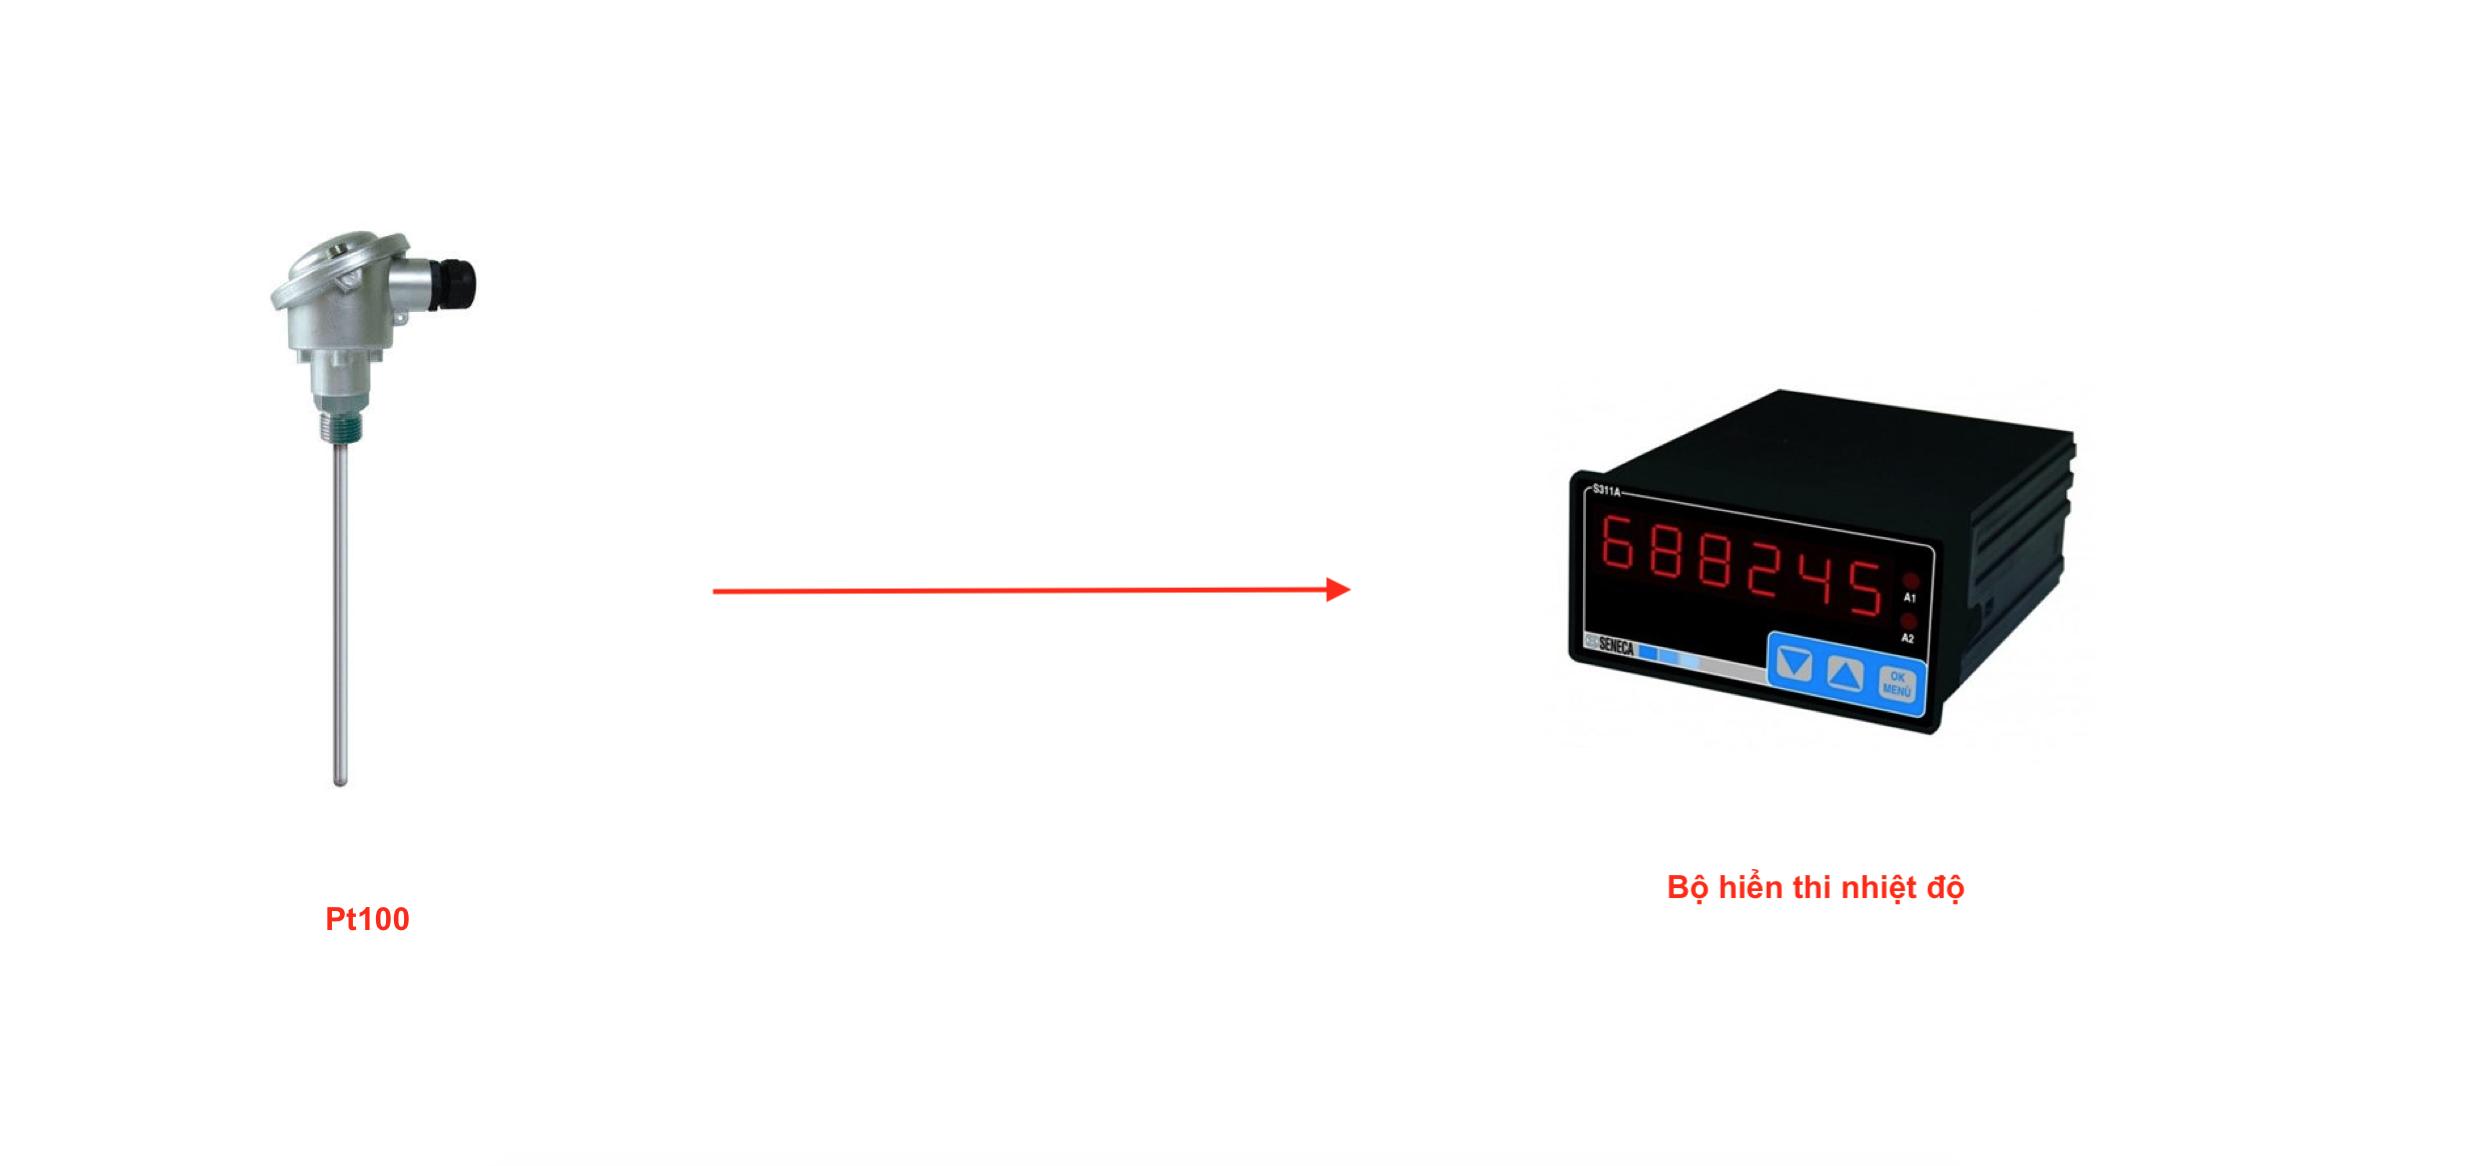 Bộ hiển thị nhiệt độ từ cảm biến Pt100